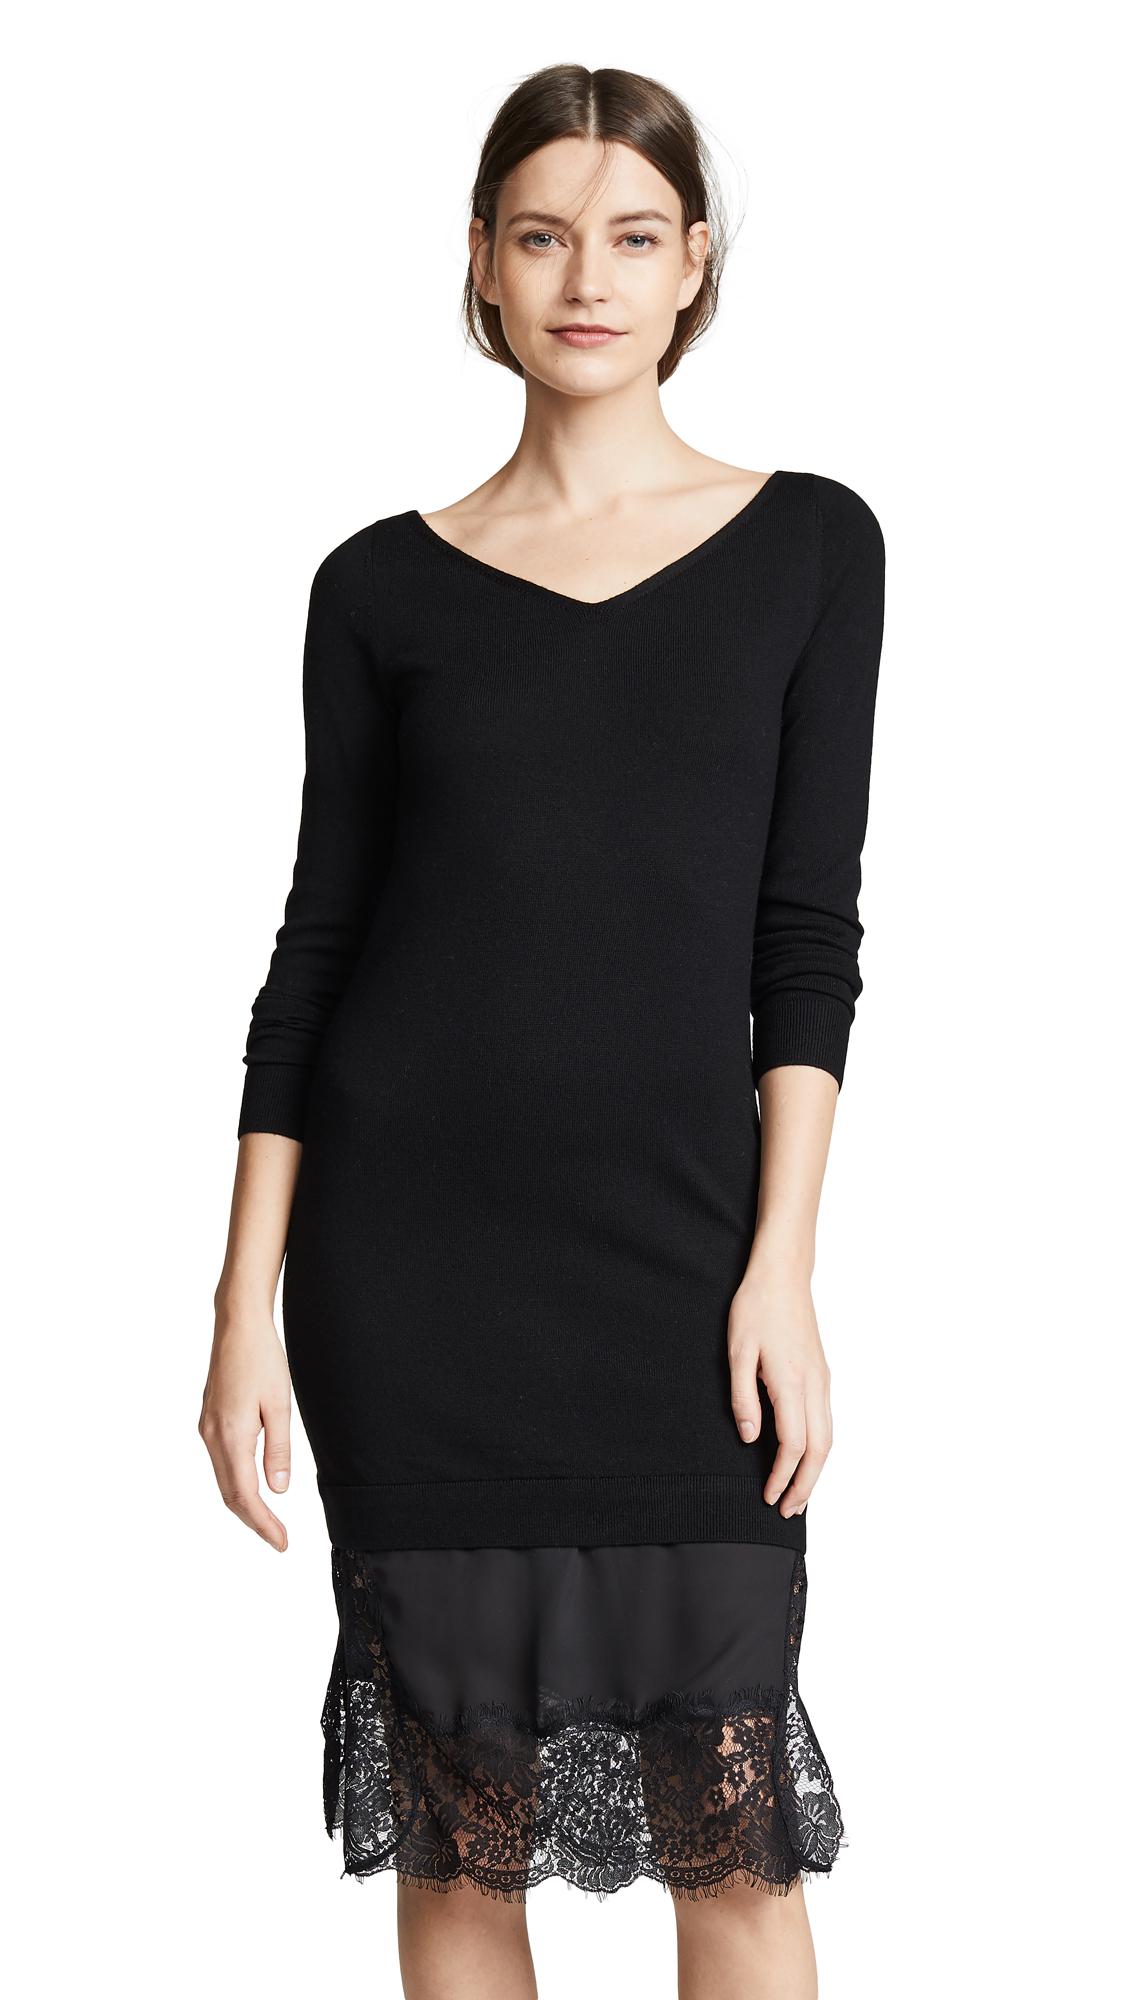 Club Monaco Tamila Dress - Black